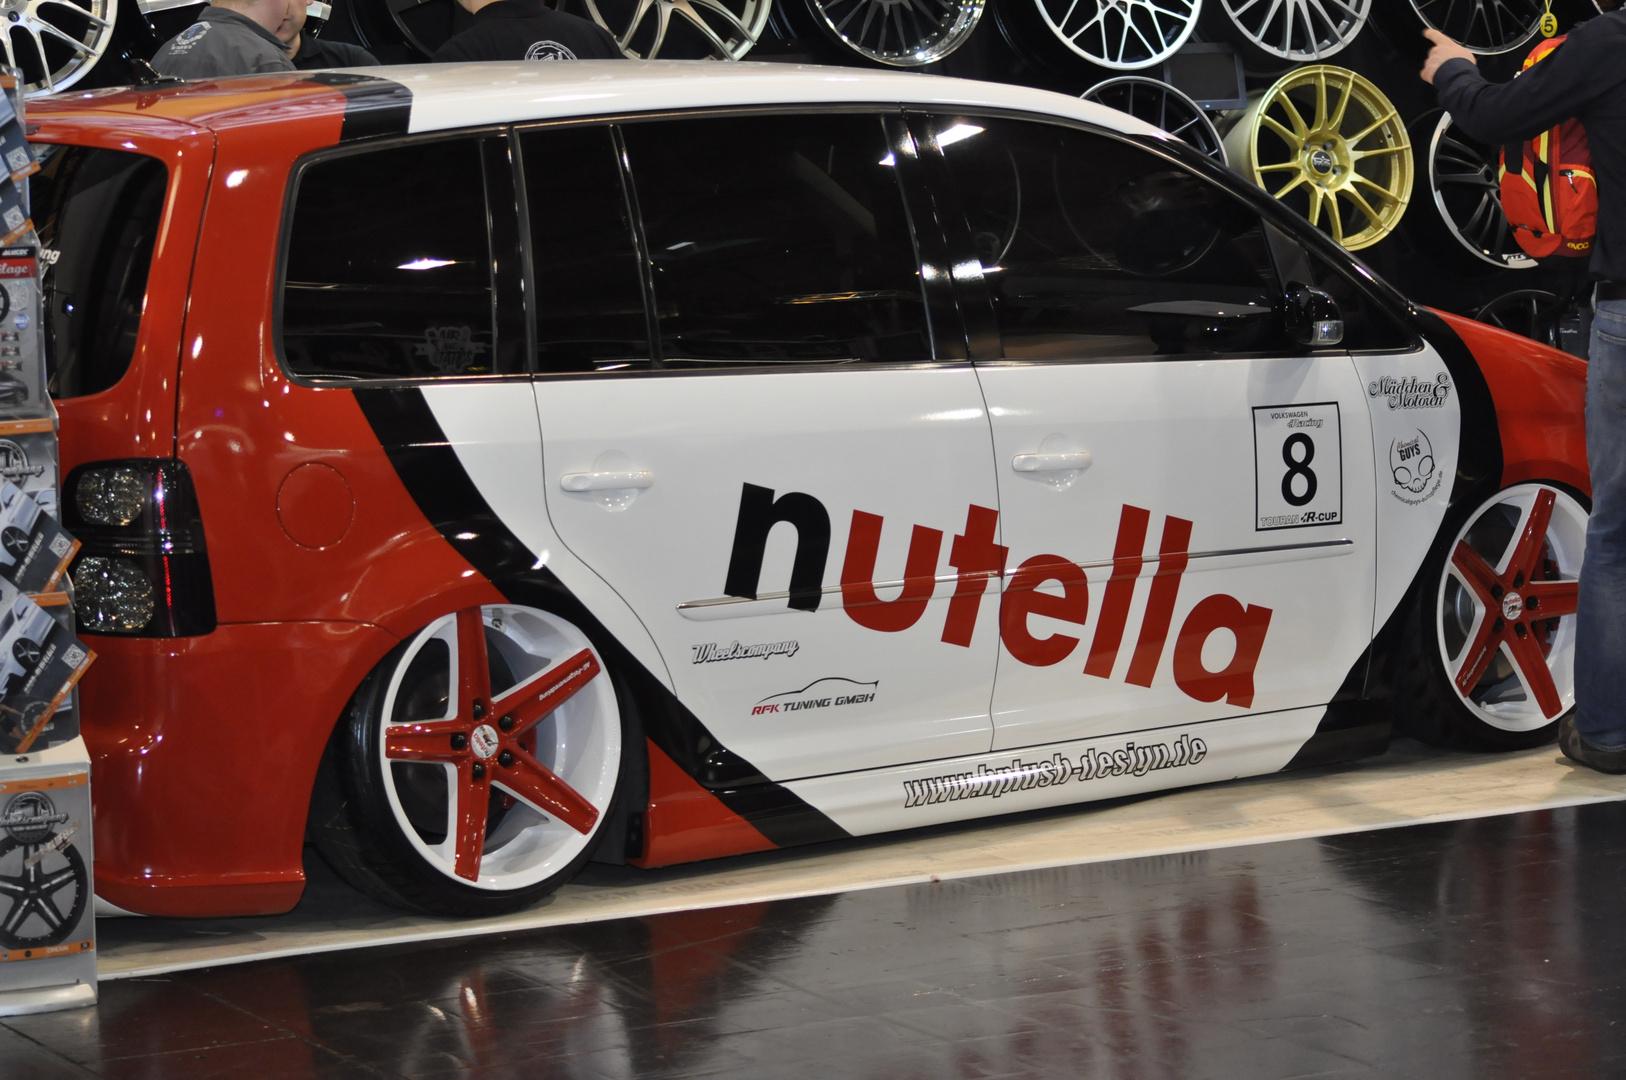 Nutella aufs Auto... Foto & Bild | autos & zweiräder, pkw, verkehr ...